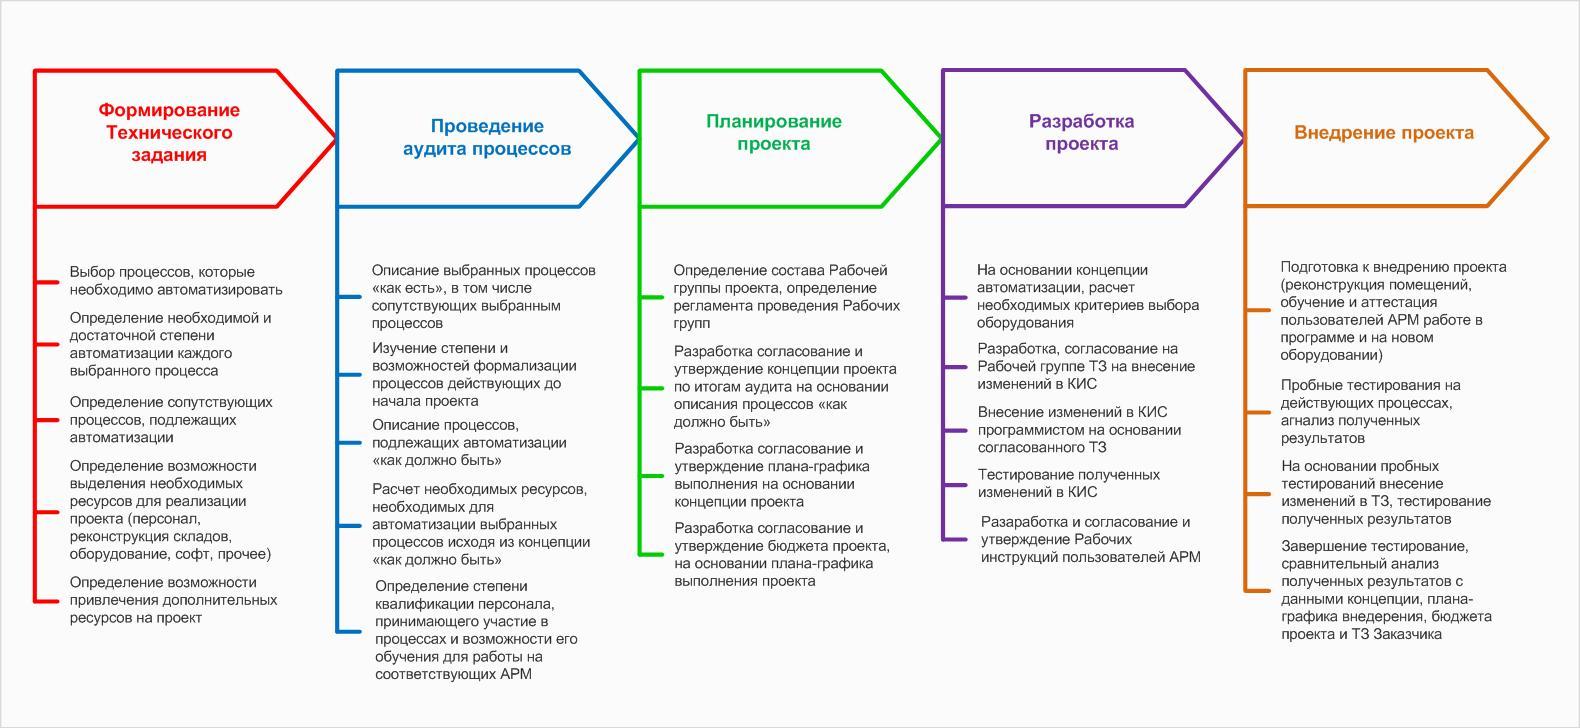 020315 Схема разработки и внедрения проекта